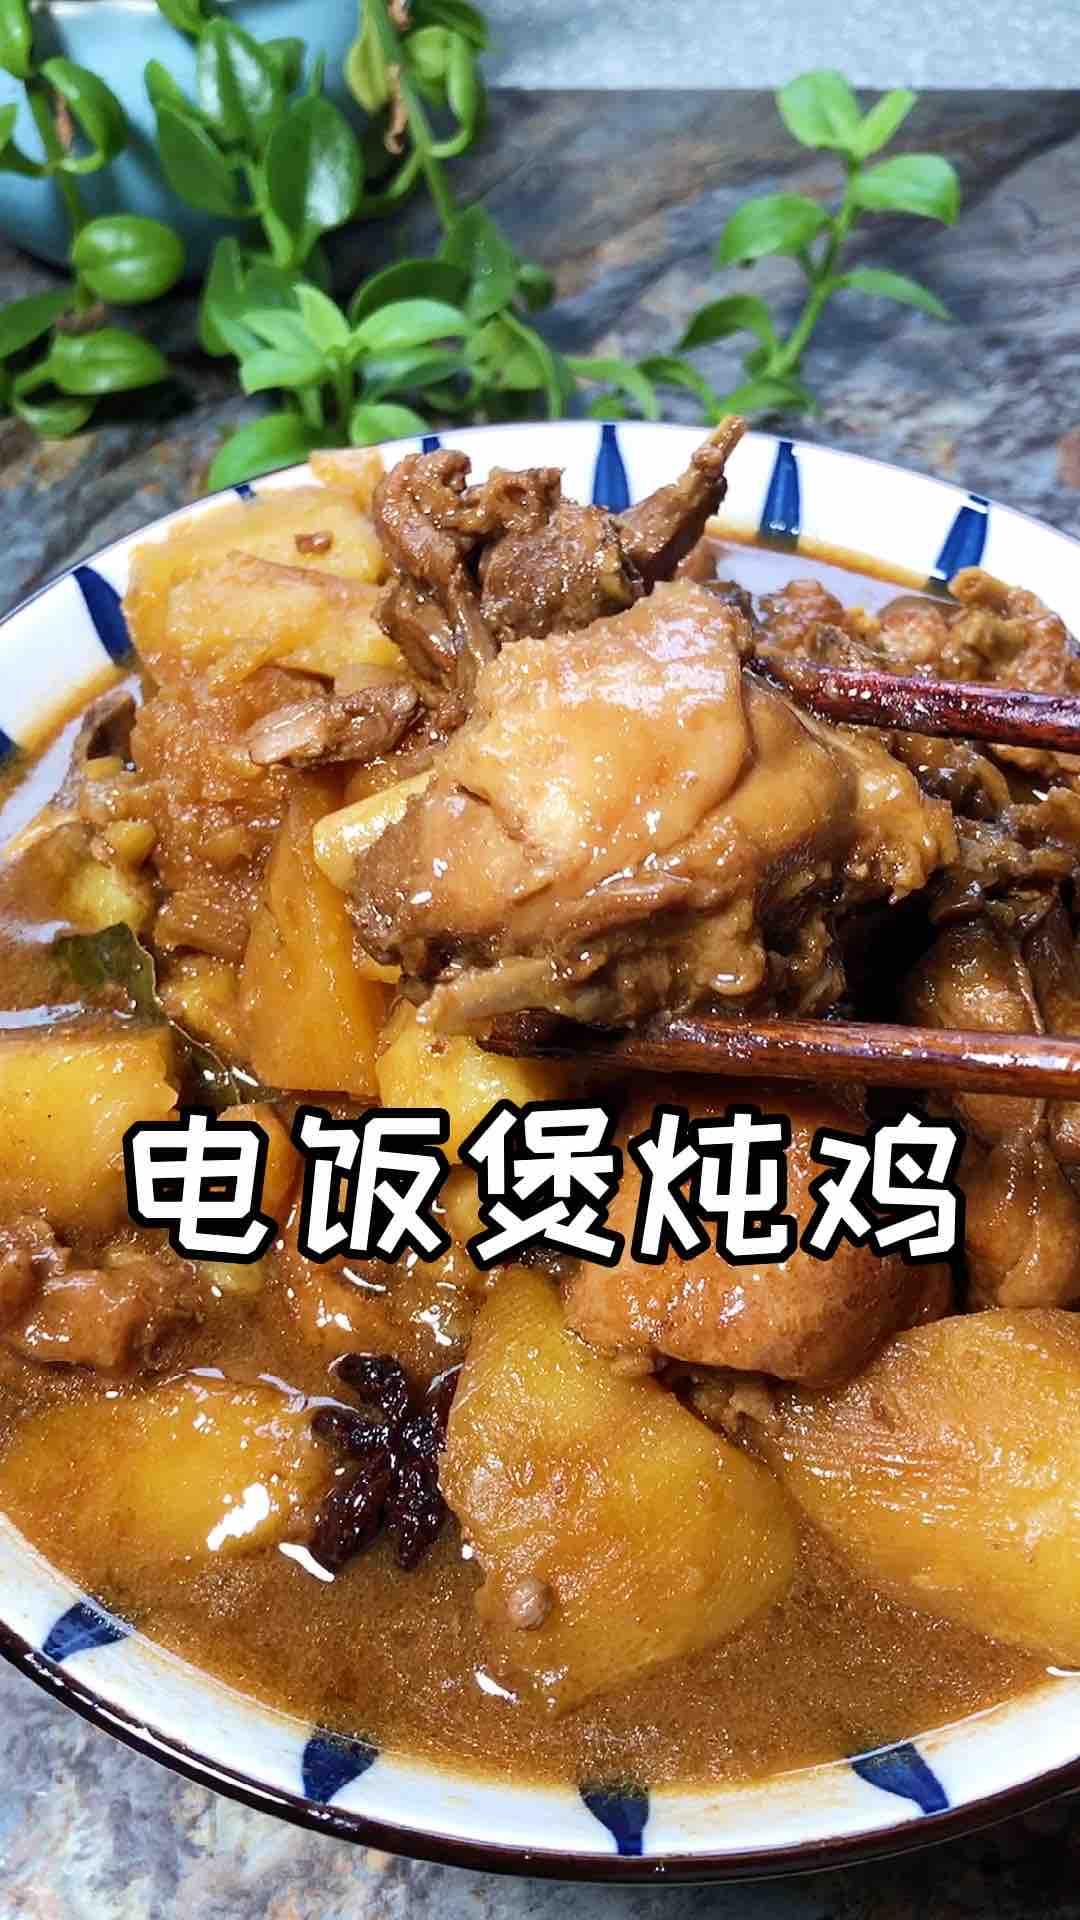 电饭煲炖鸡